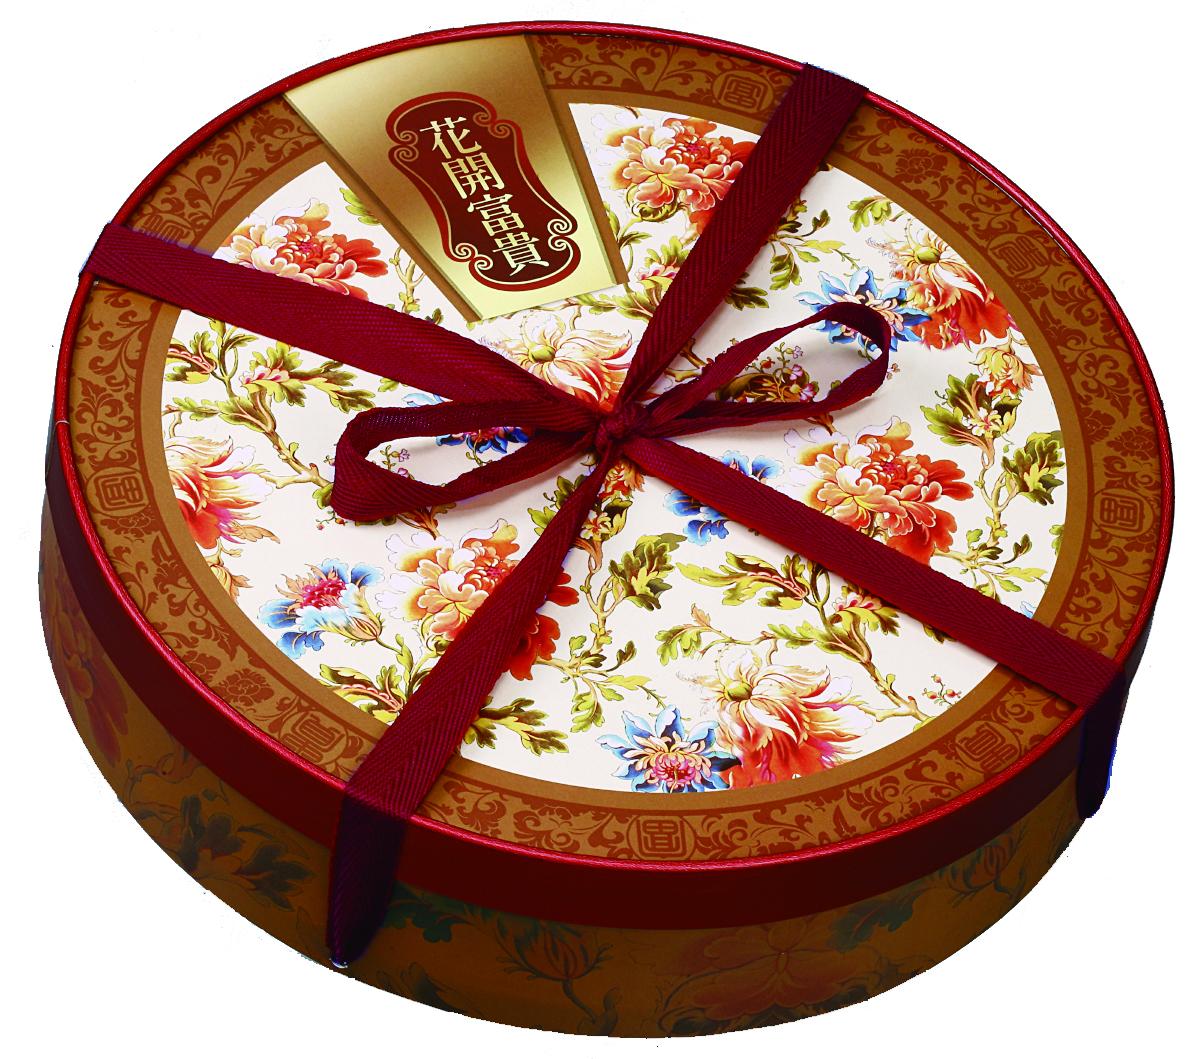 圓型禮盒 編號: CS-GB0001